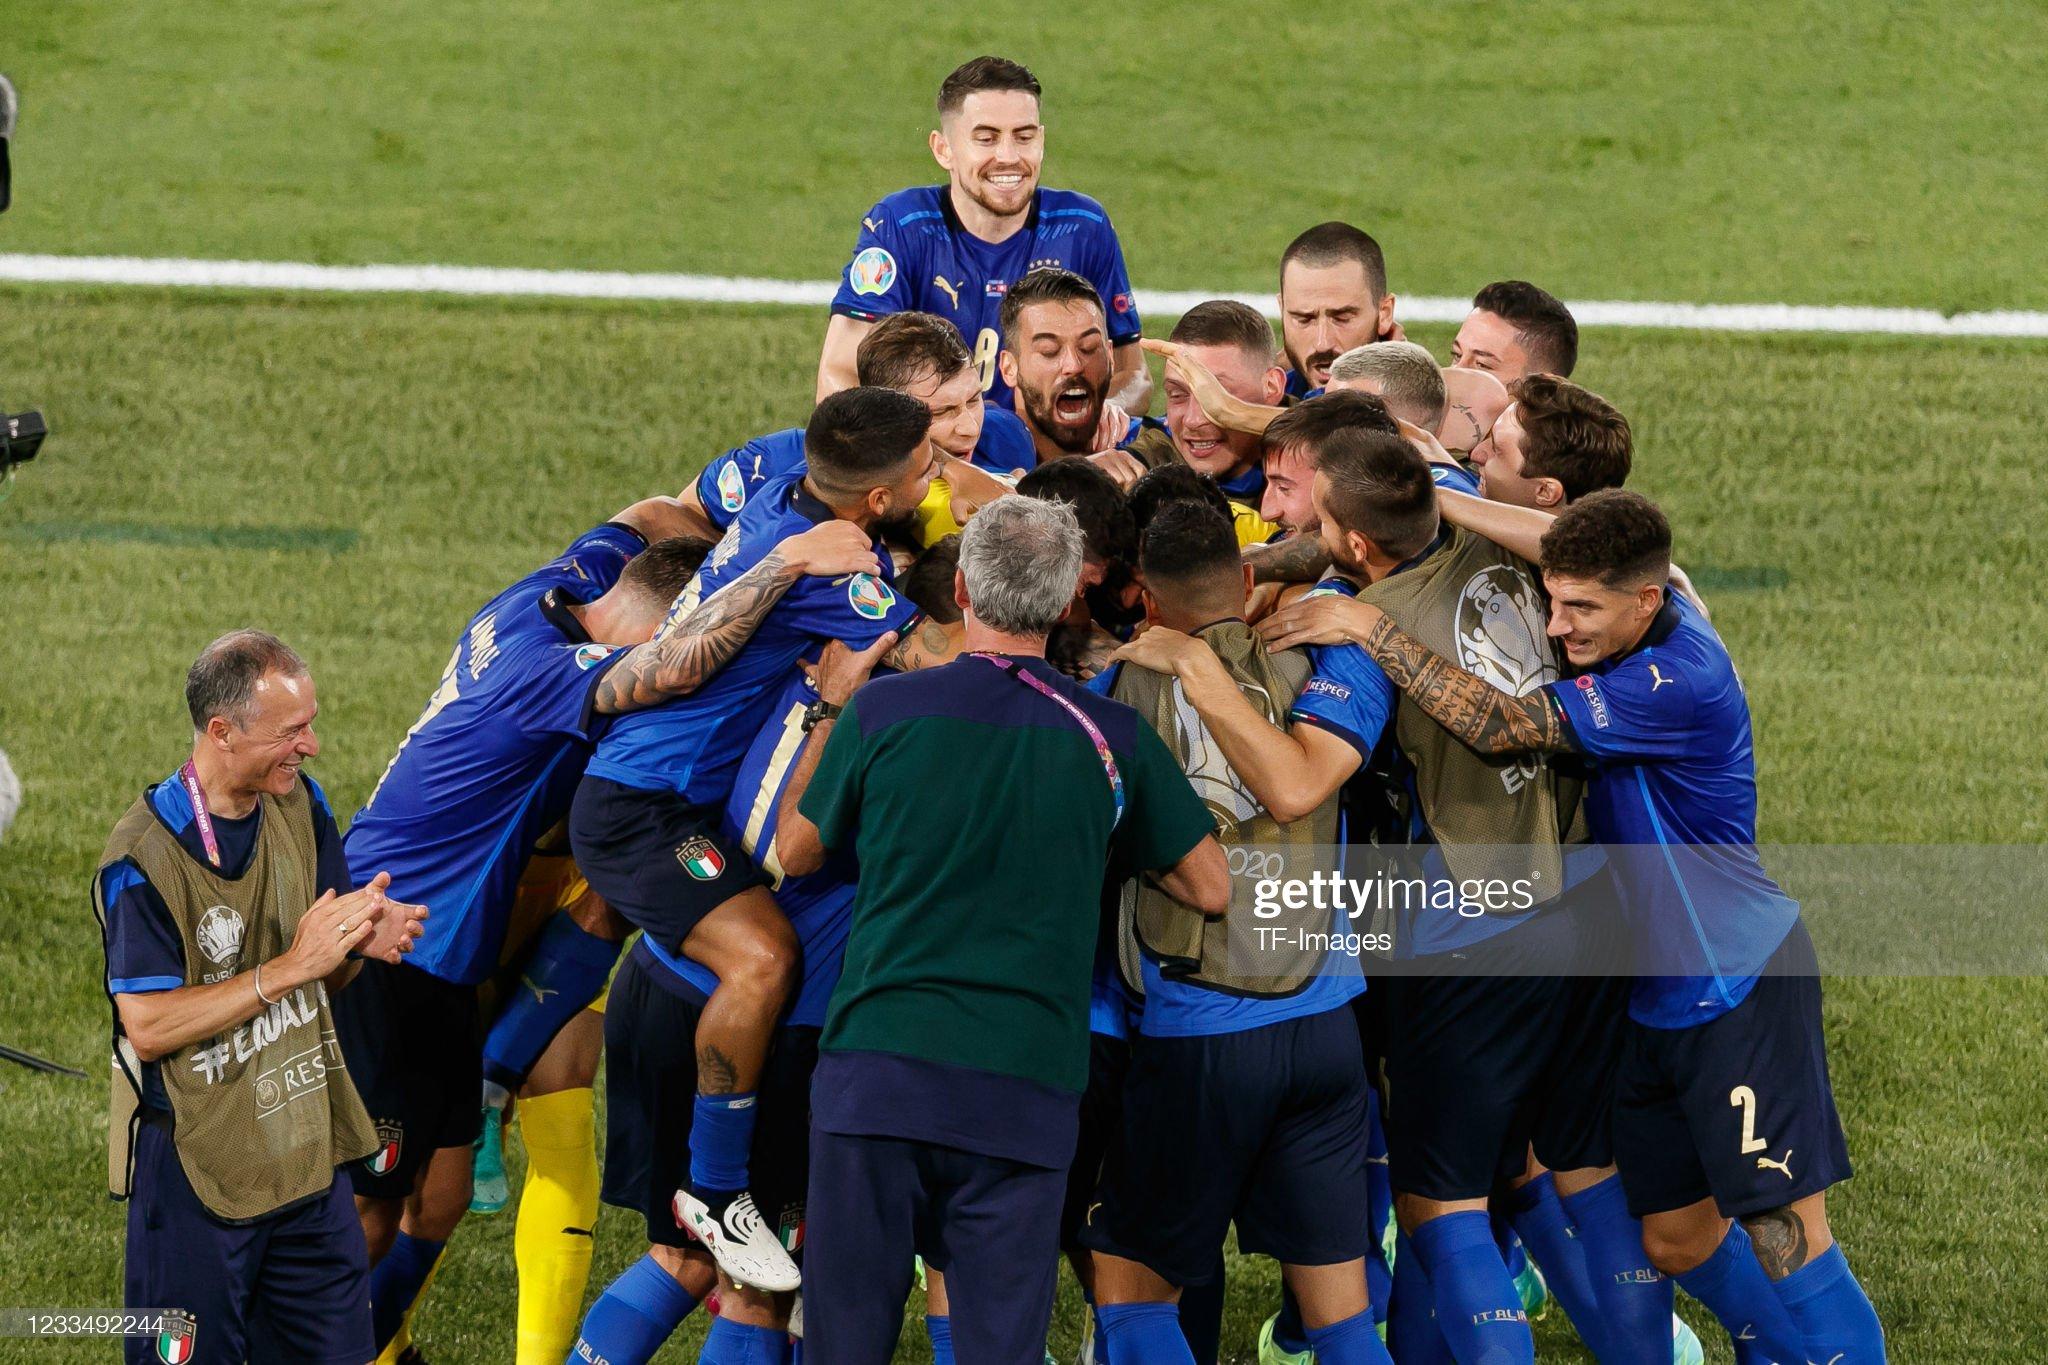 Italy v Switzerland - UEFA Euro 2020 - Group A : News Photo